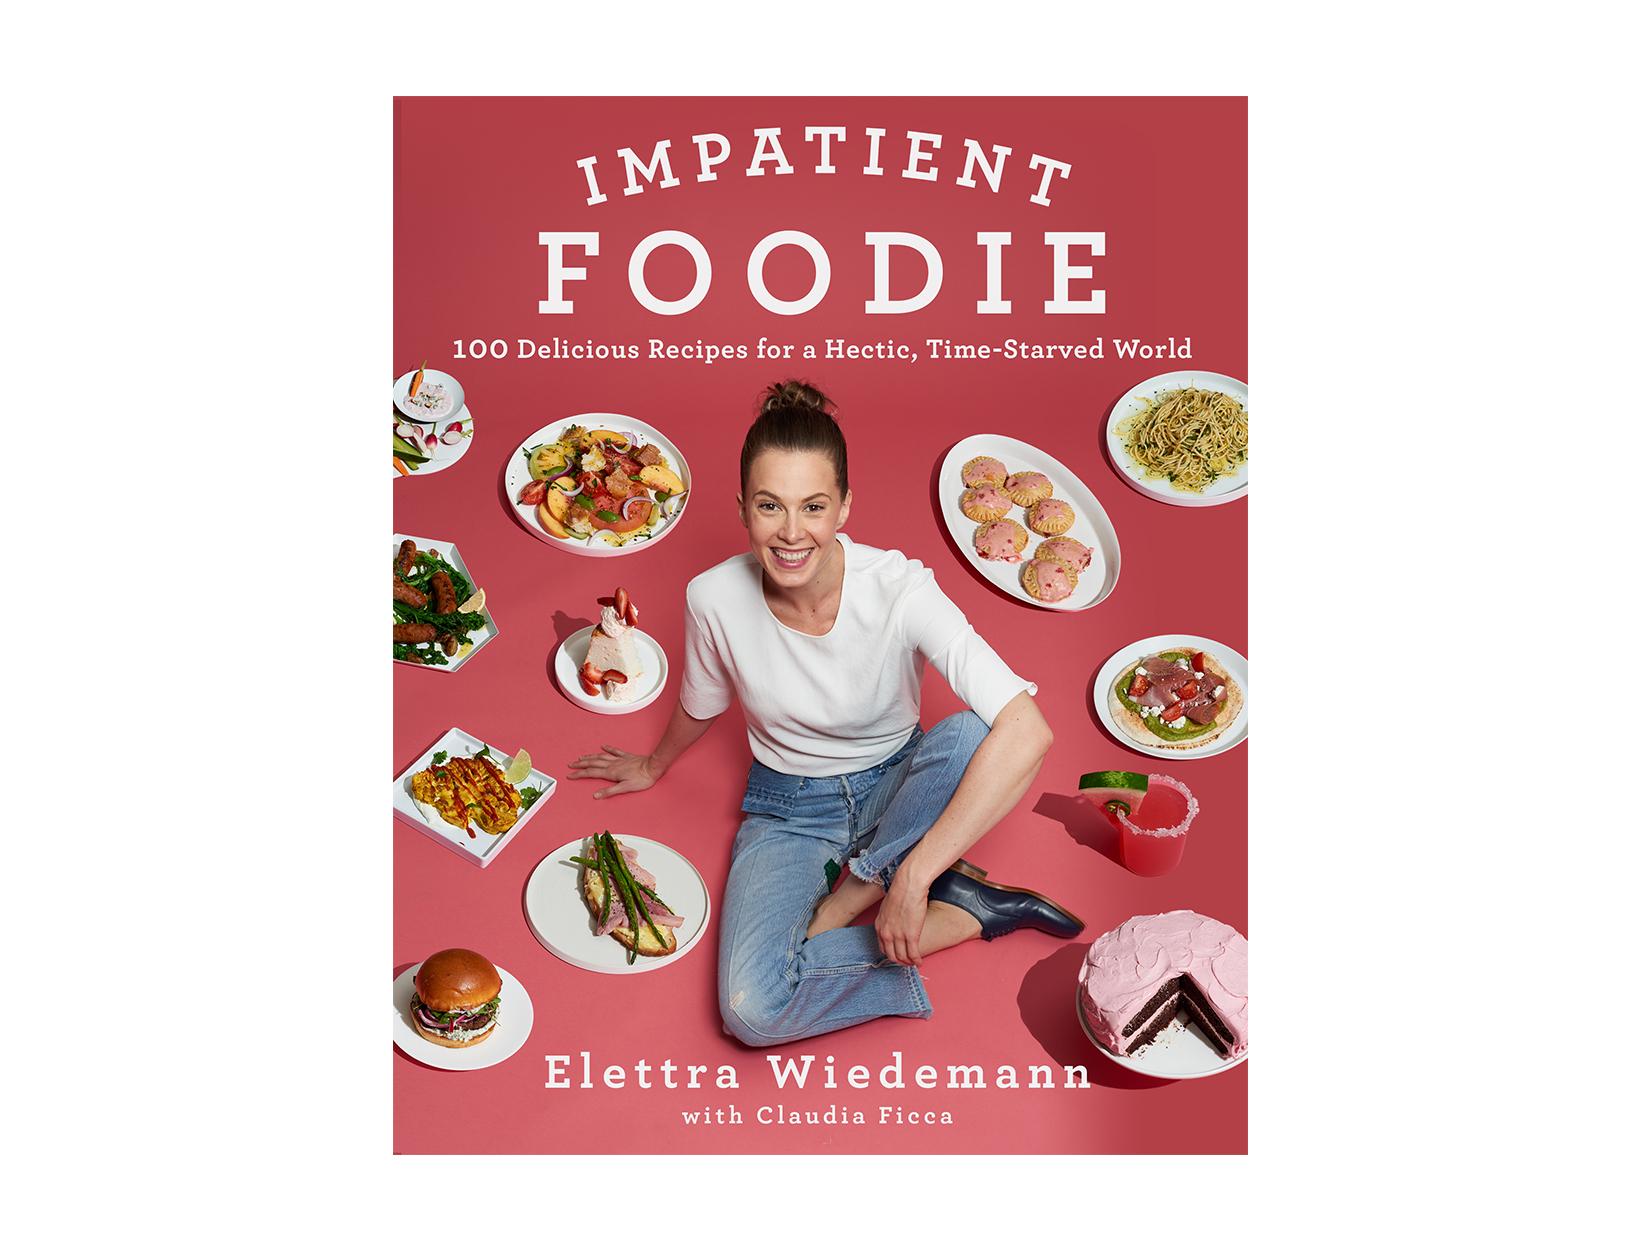 The Impatient Foodie by Elettra Wiedemann